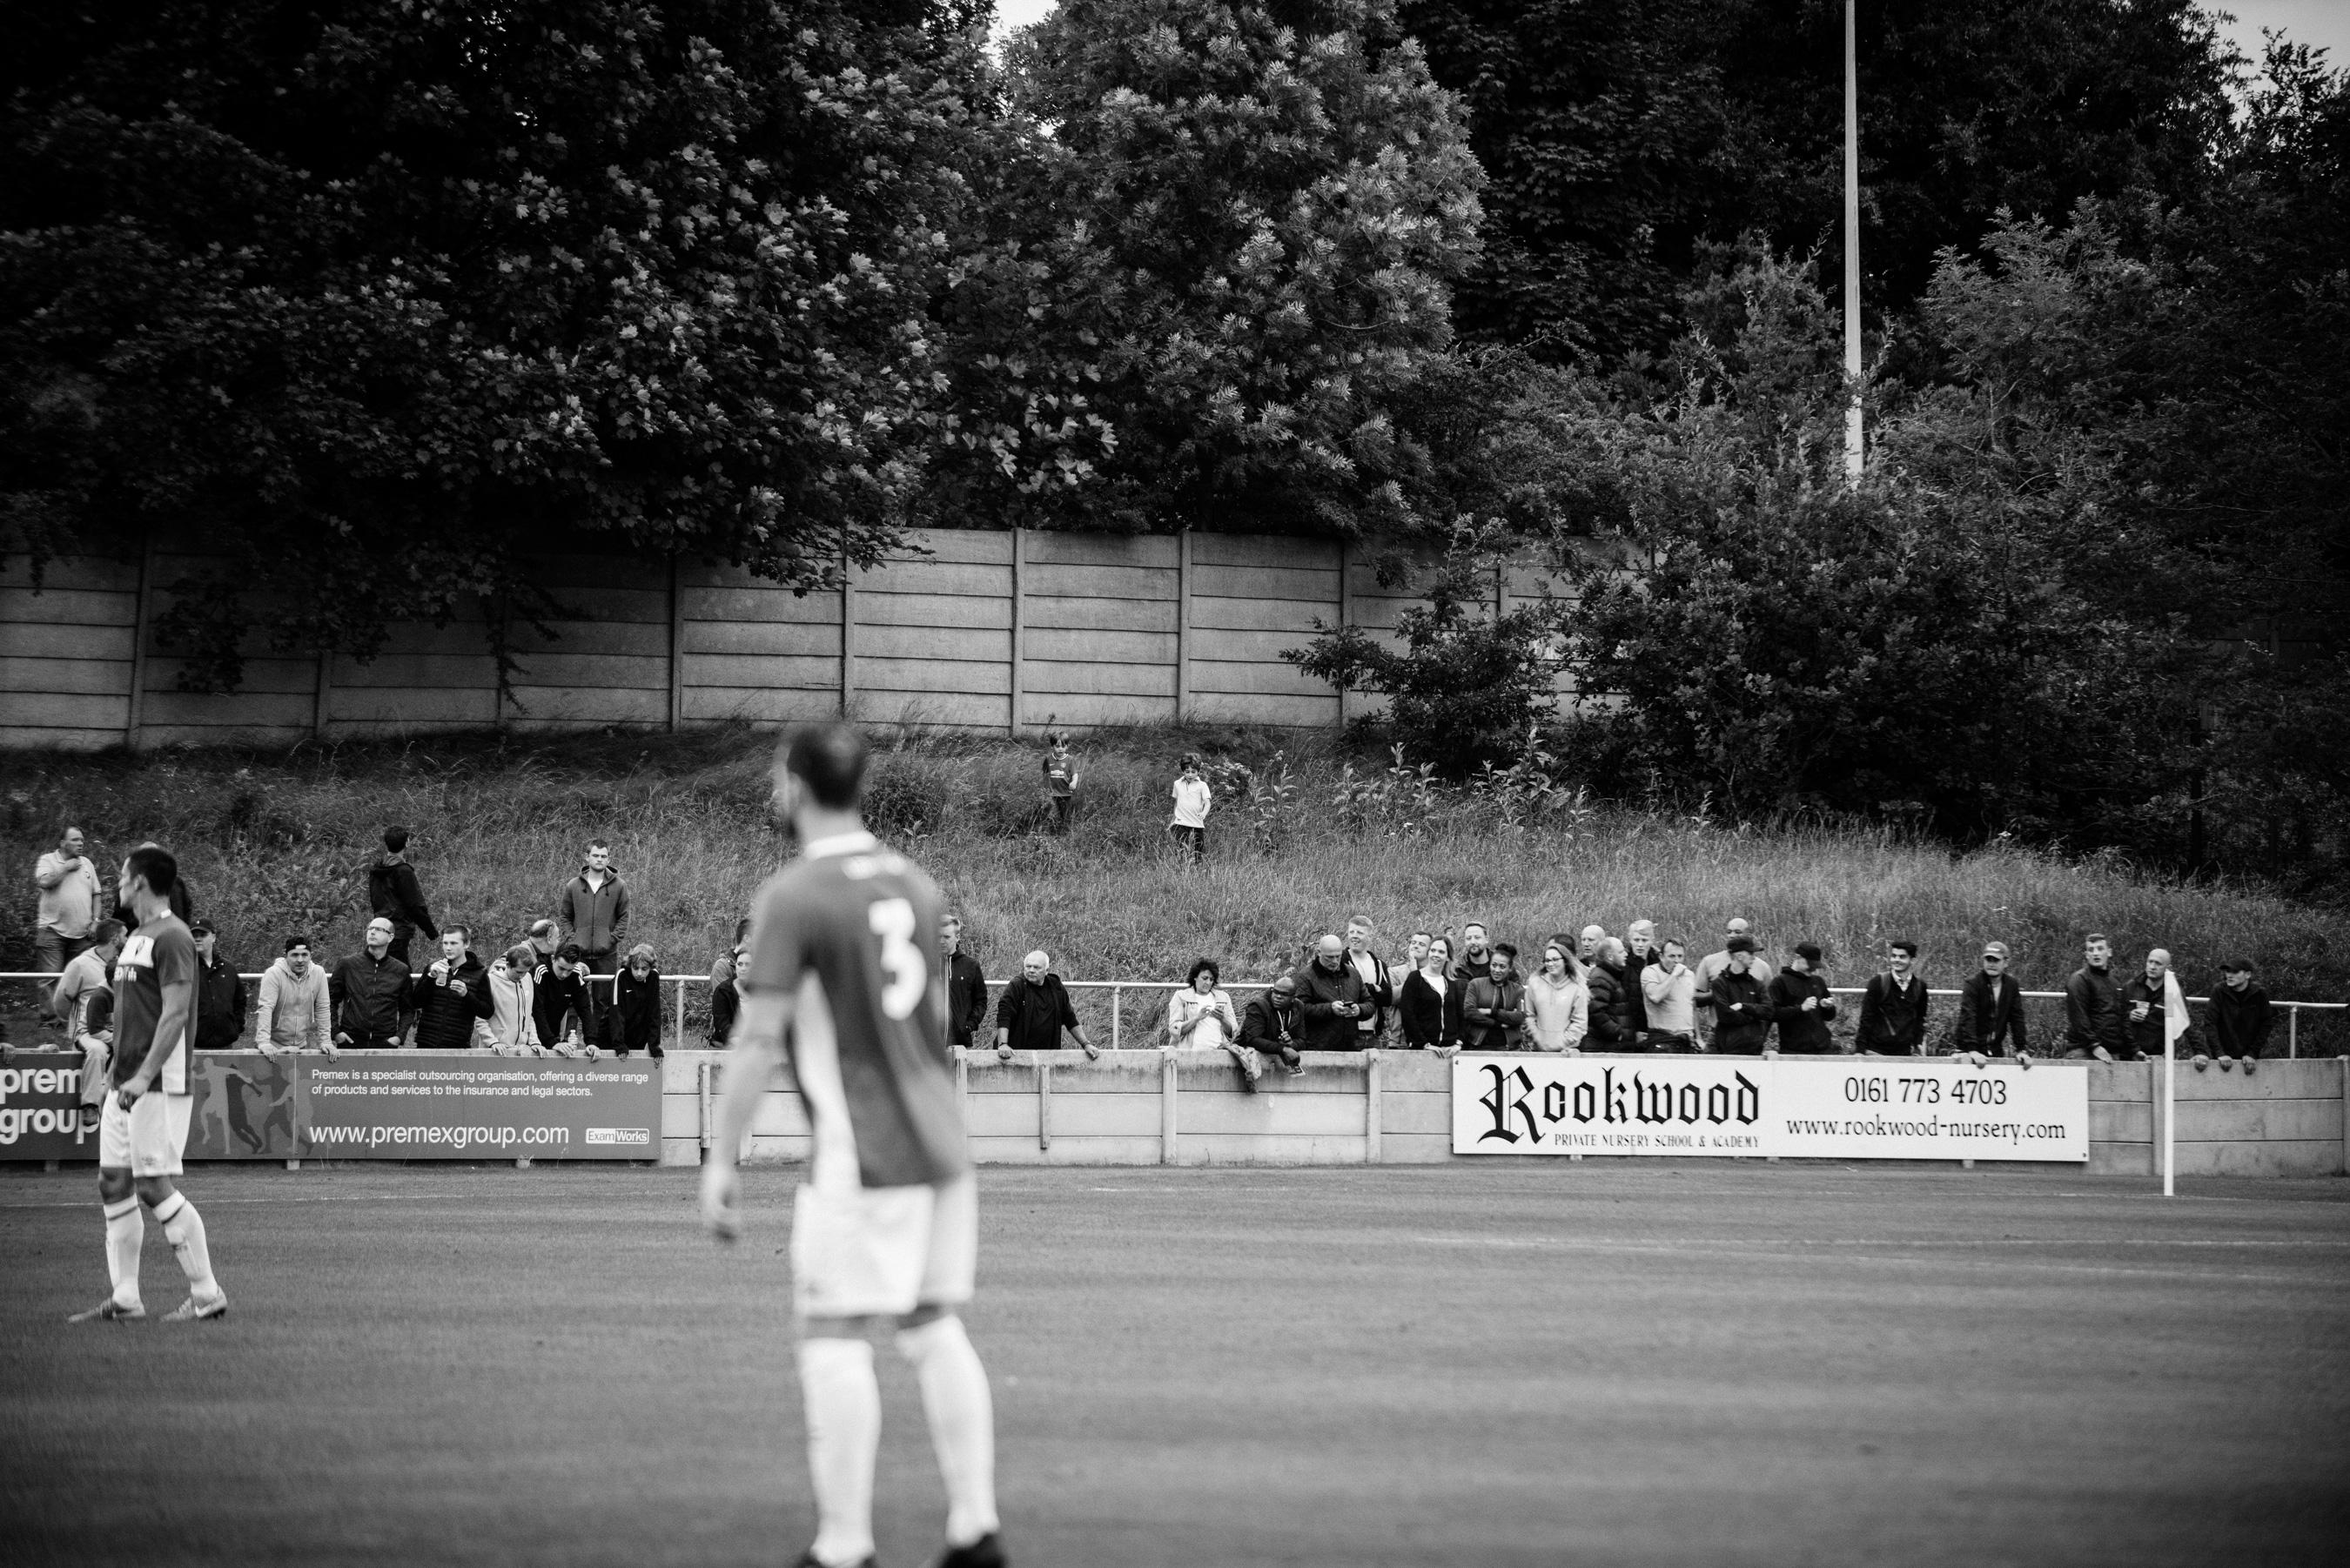 matt-stansfield-salford-city-soccer_4724